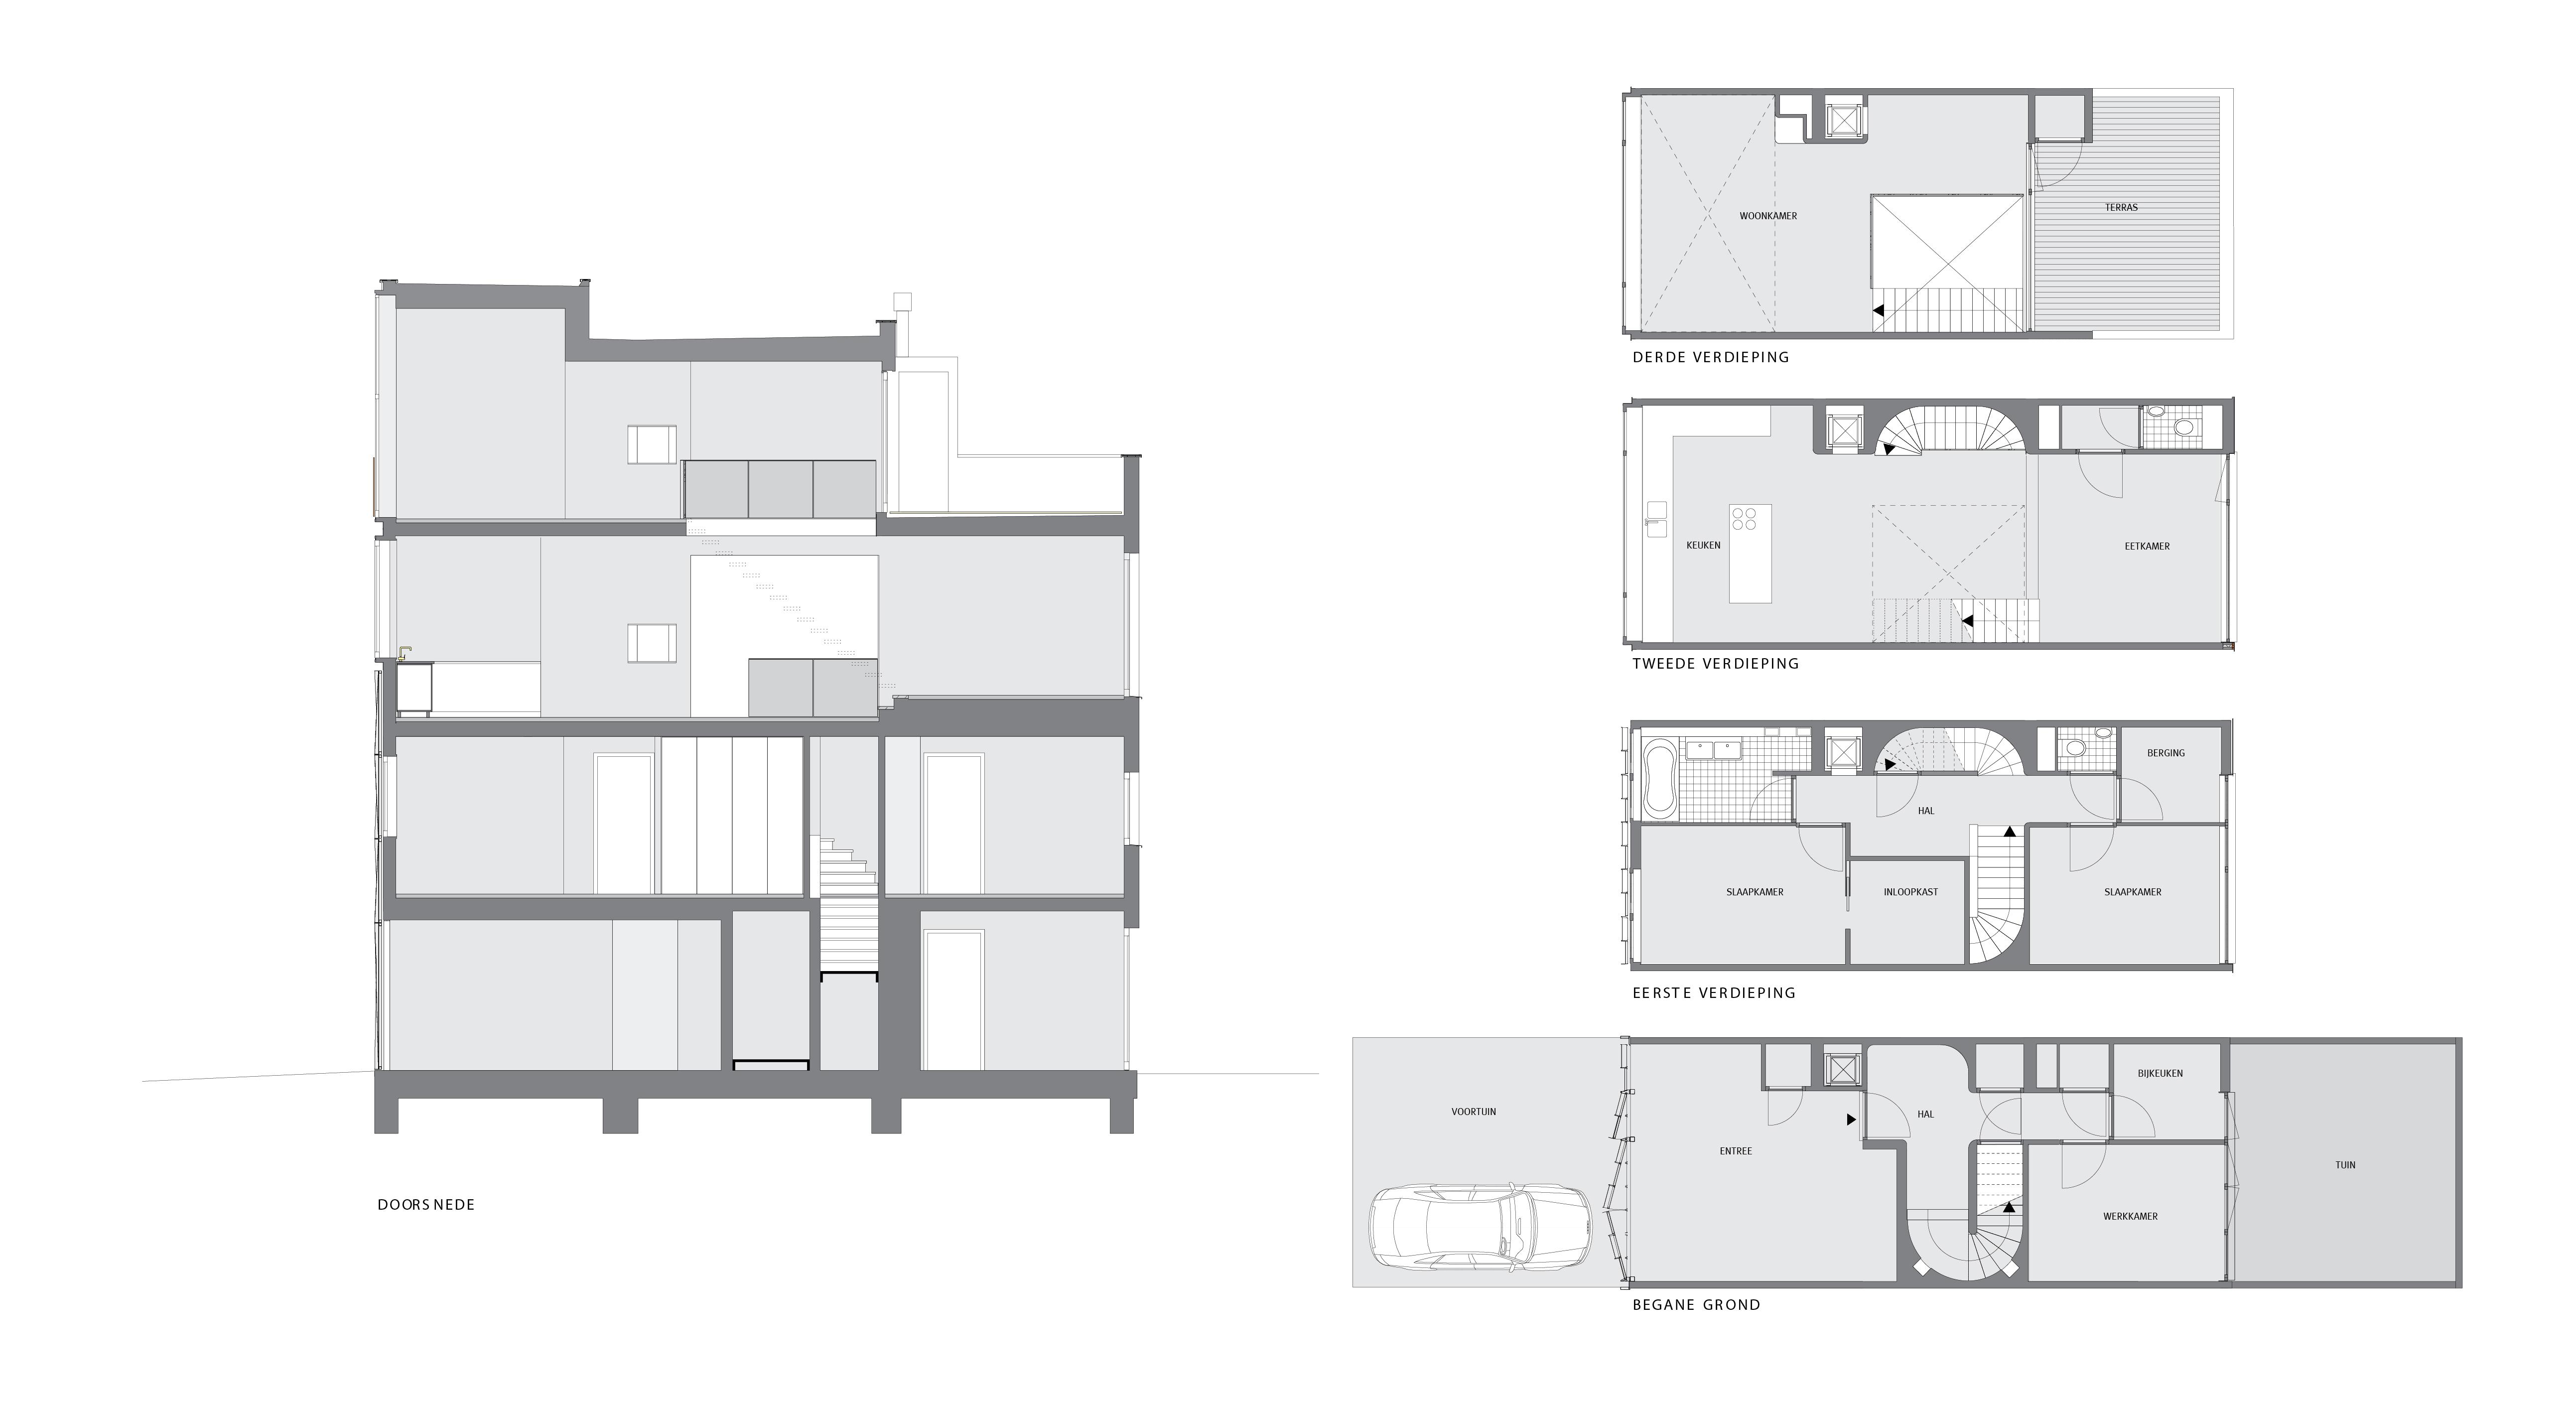 Huis BS plattegronden en doorsnede